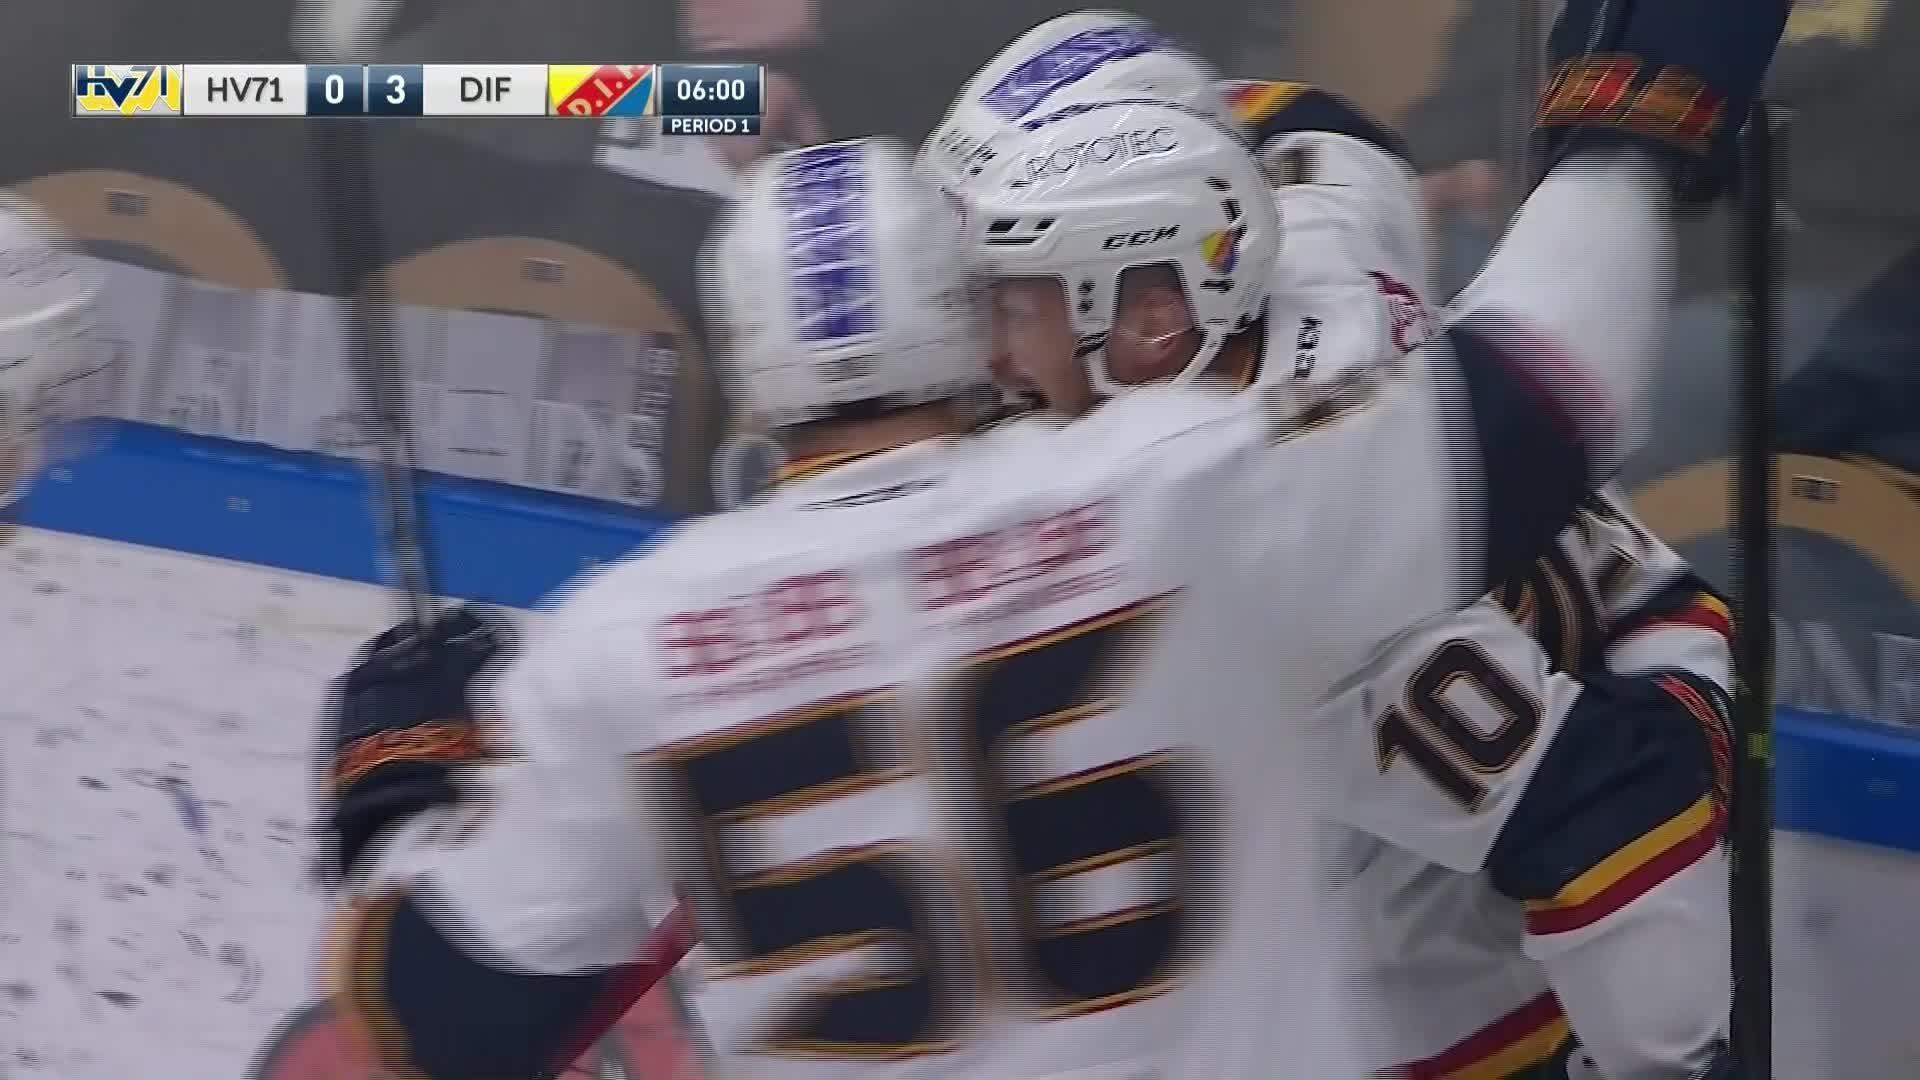 HV71 - Djurgården Hockey 0-3